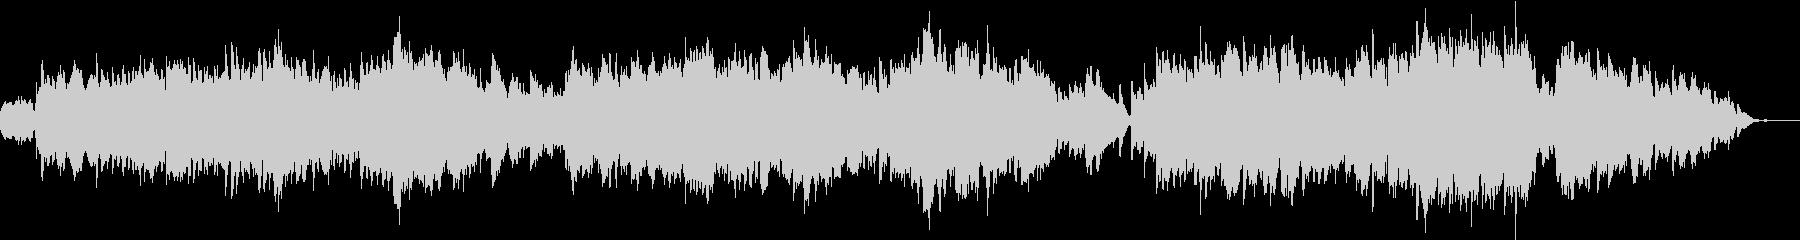 ヴァイオリンとピアノの静かな曲の未再生の波形